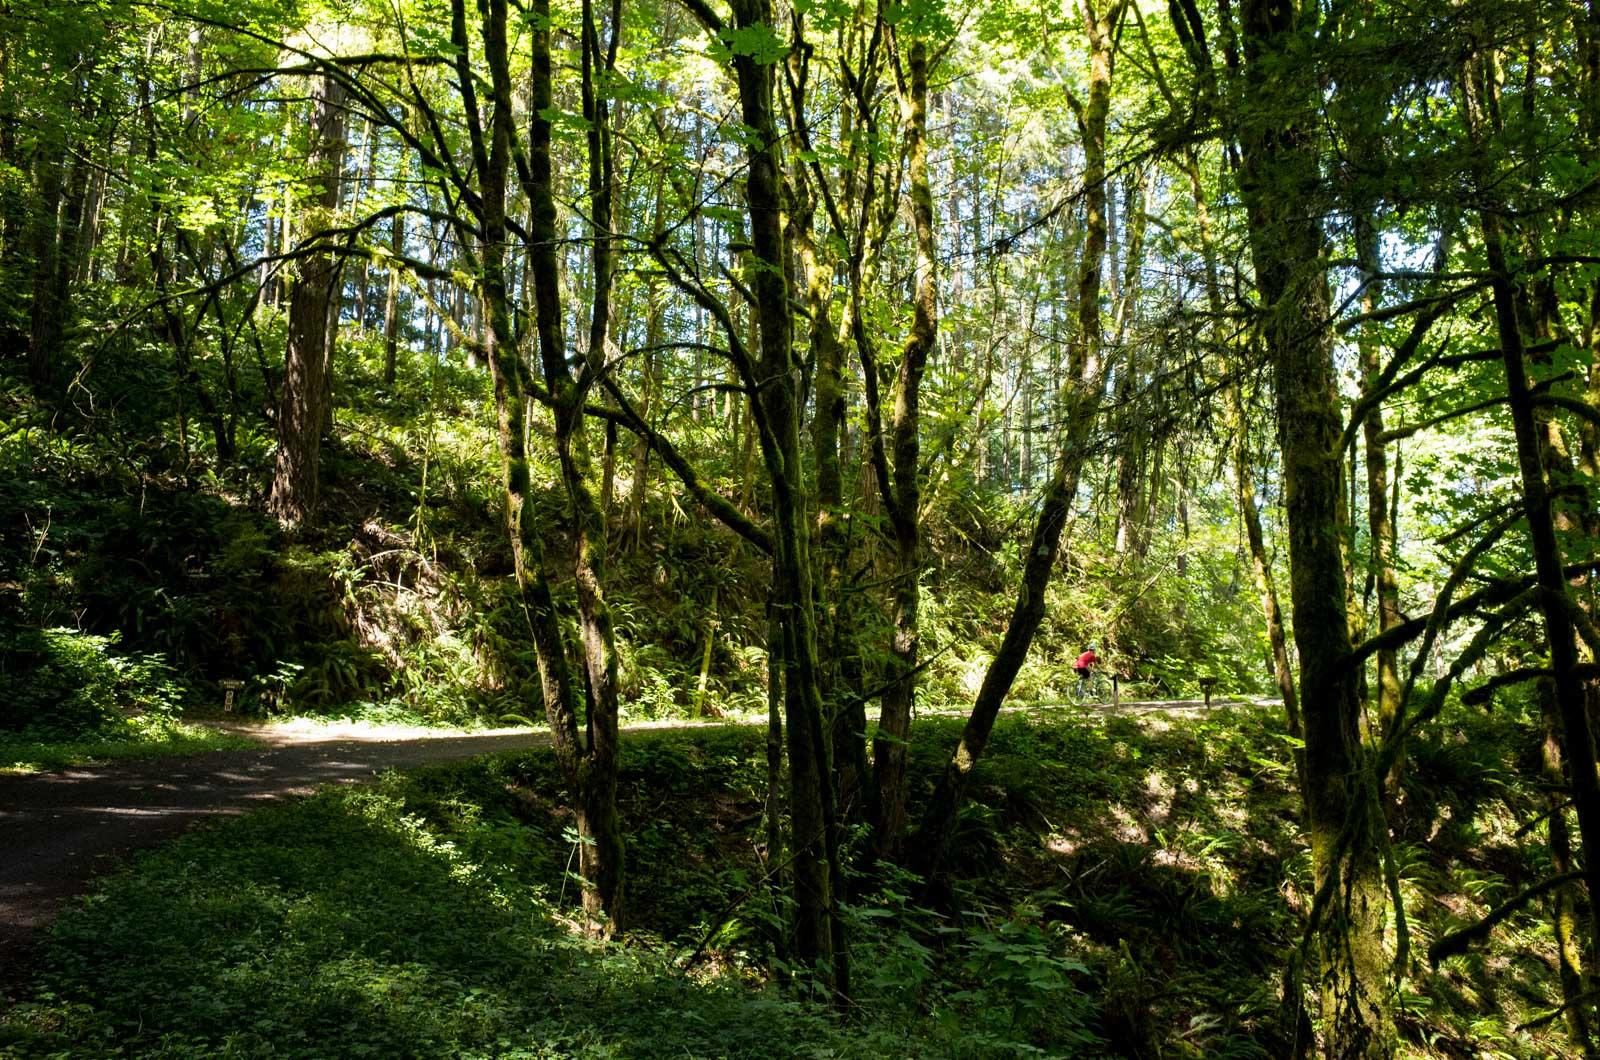 ForestPark_00006.jpg